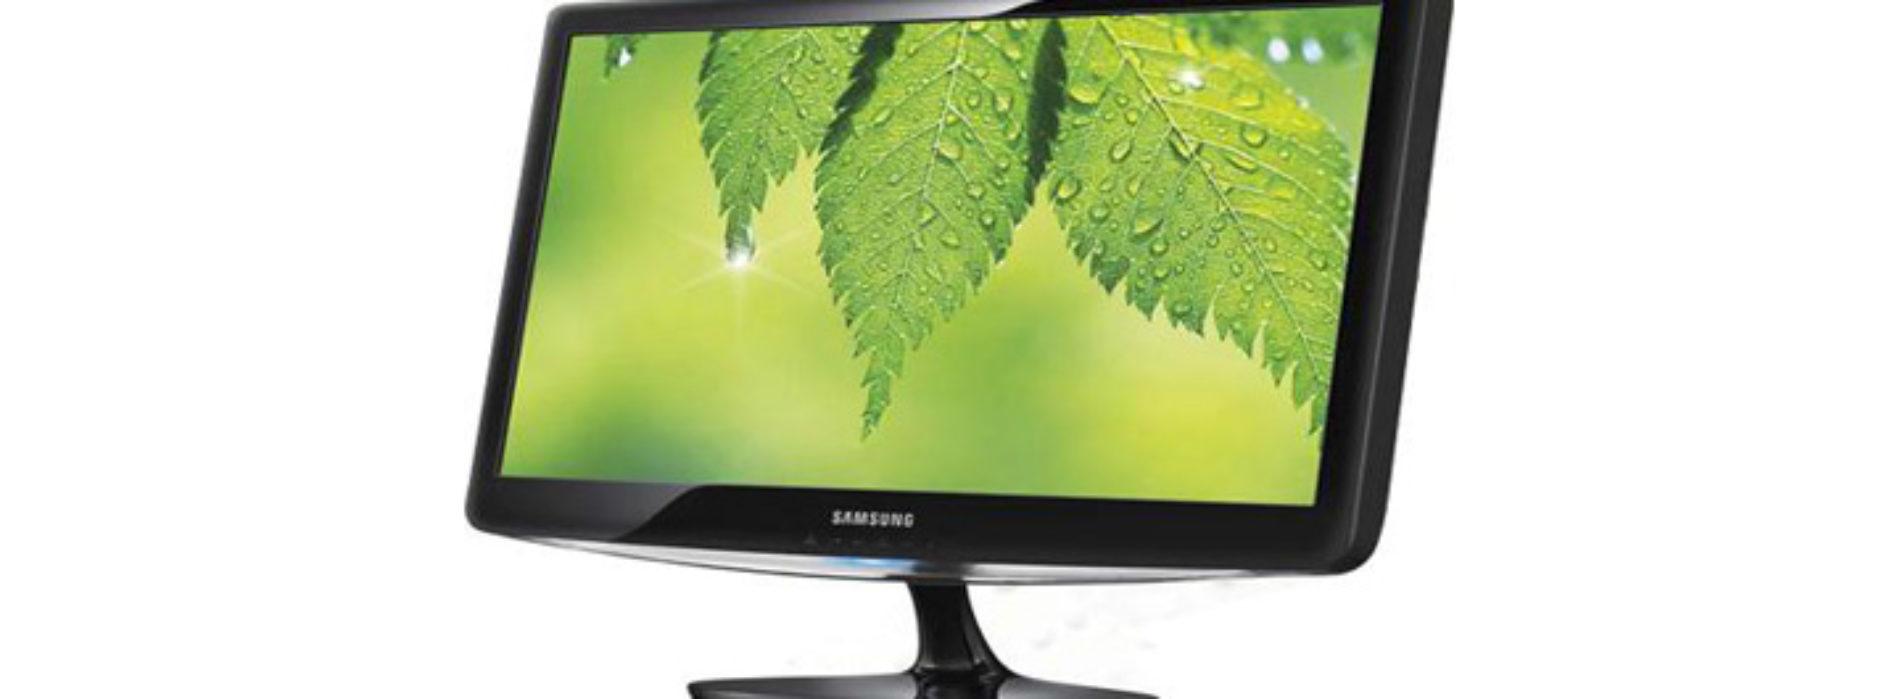 Ремонт мониторов Samsung